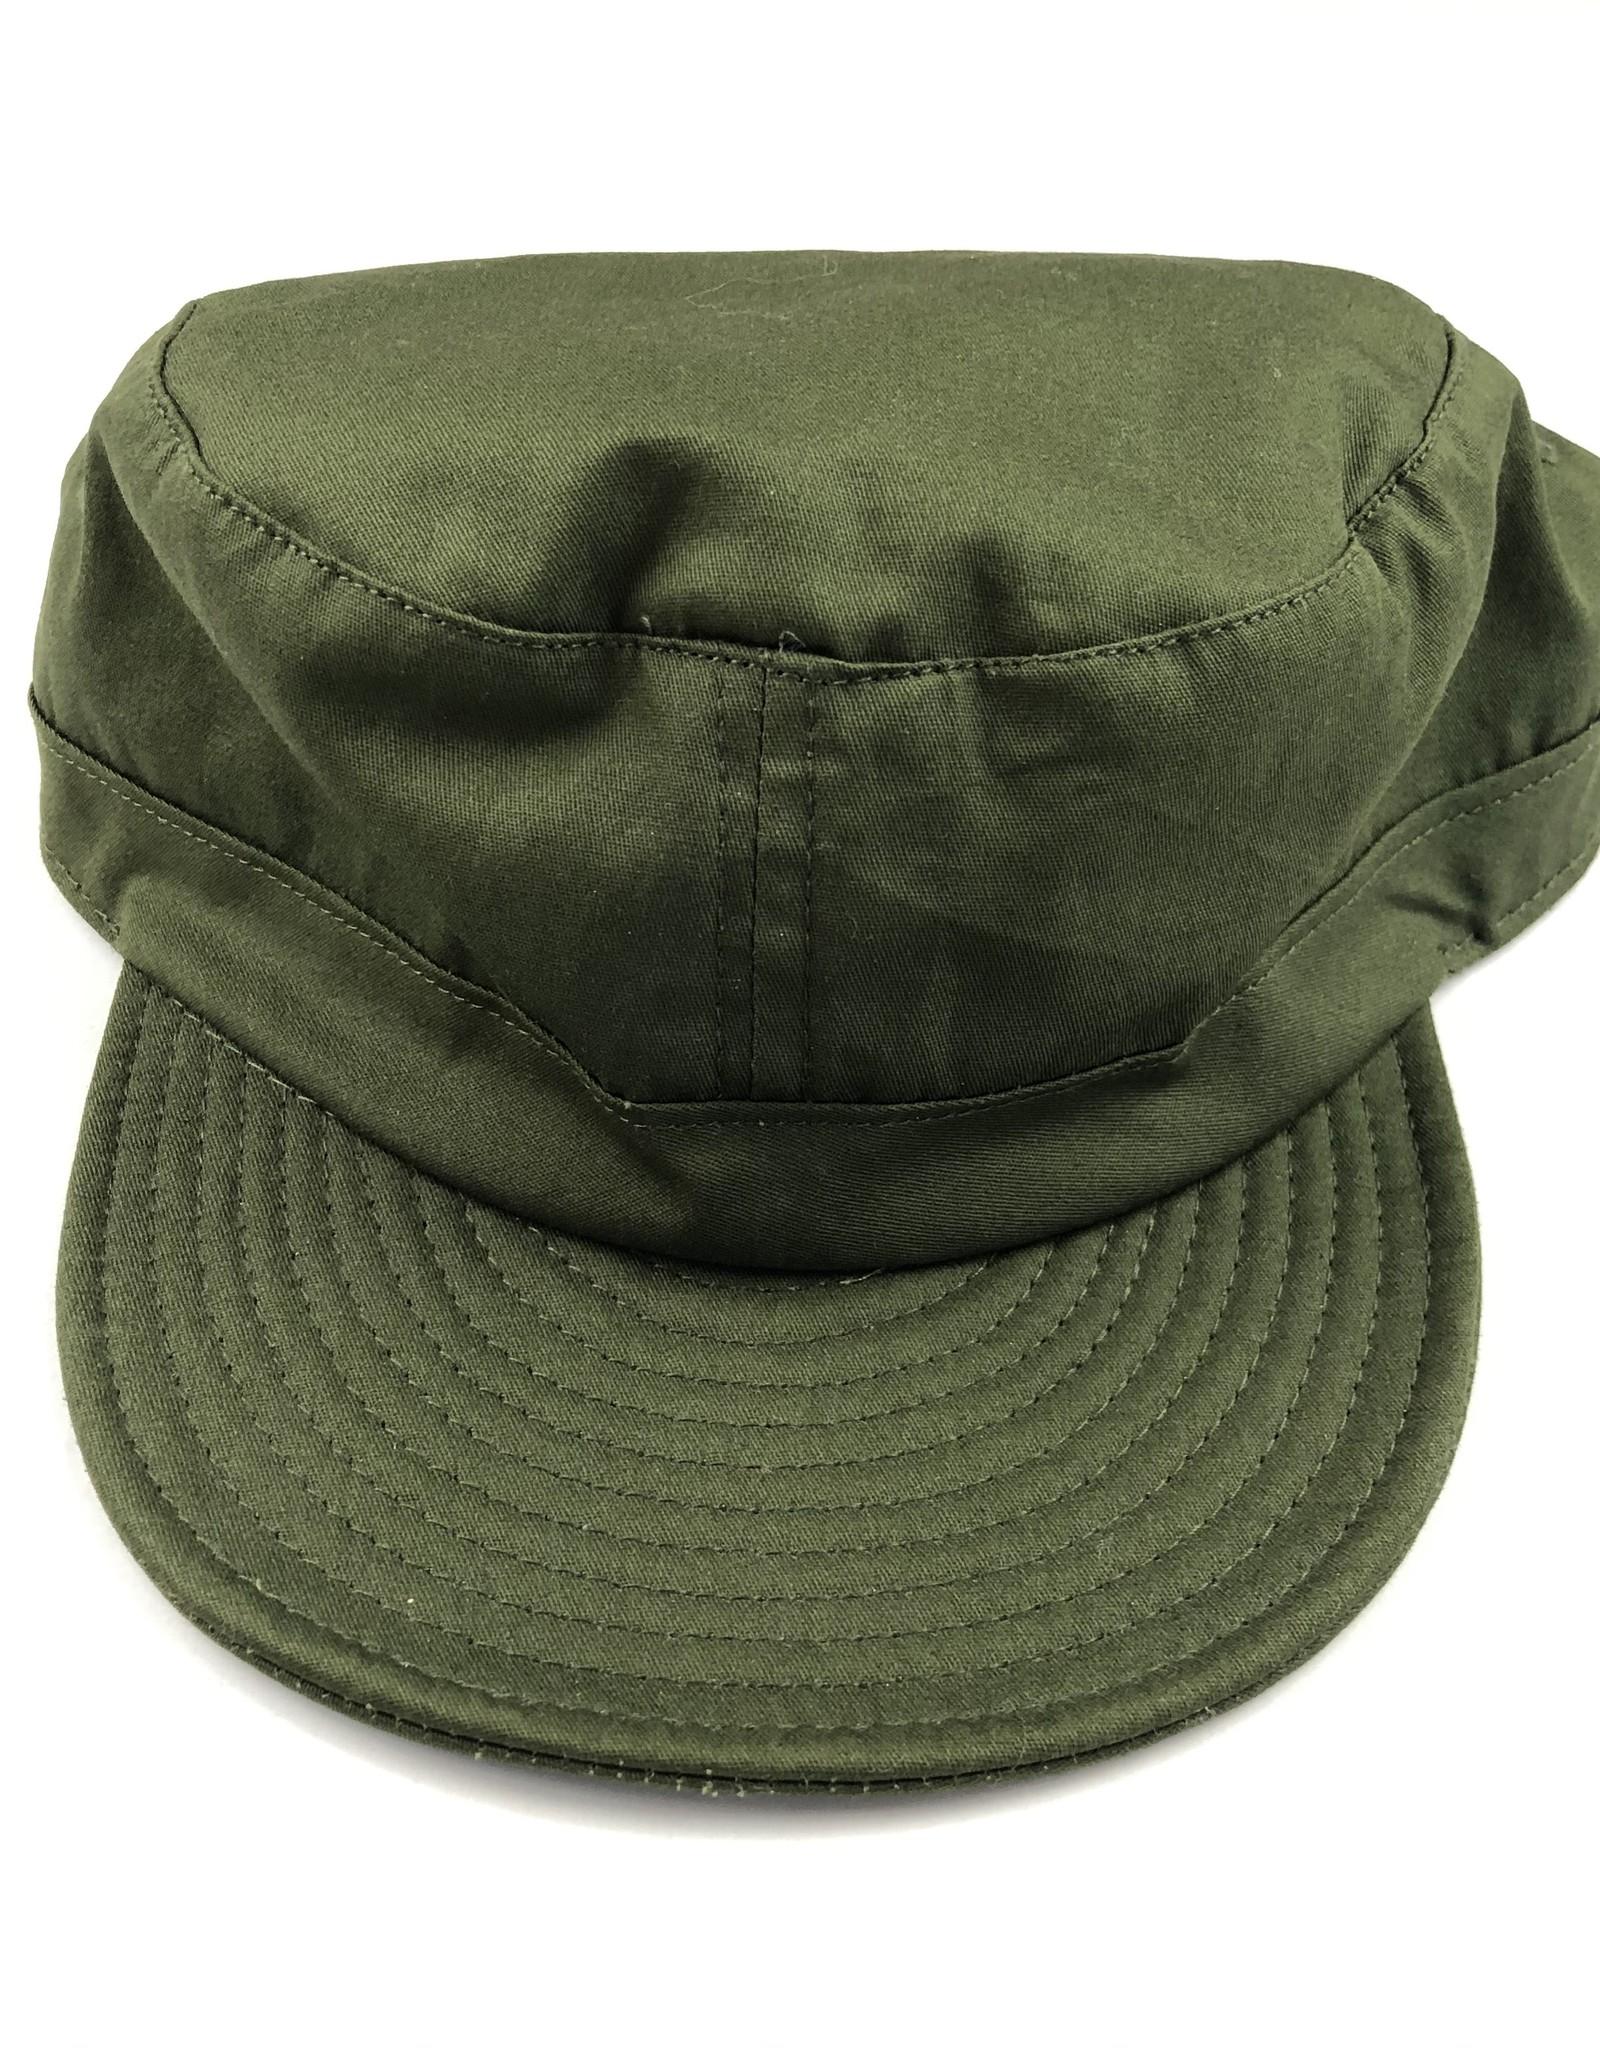 BRIXTON BRIXTON BRIGADE HAT - ARMY